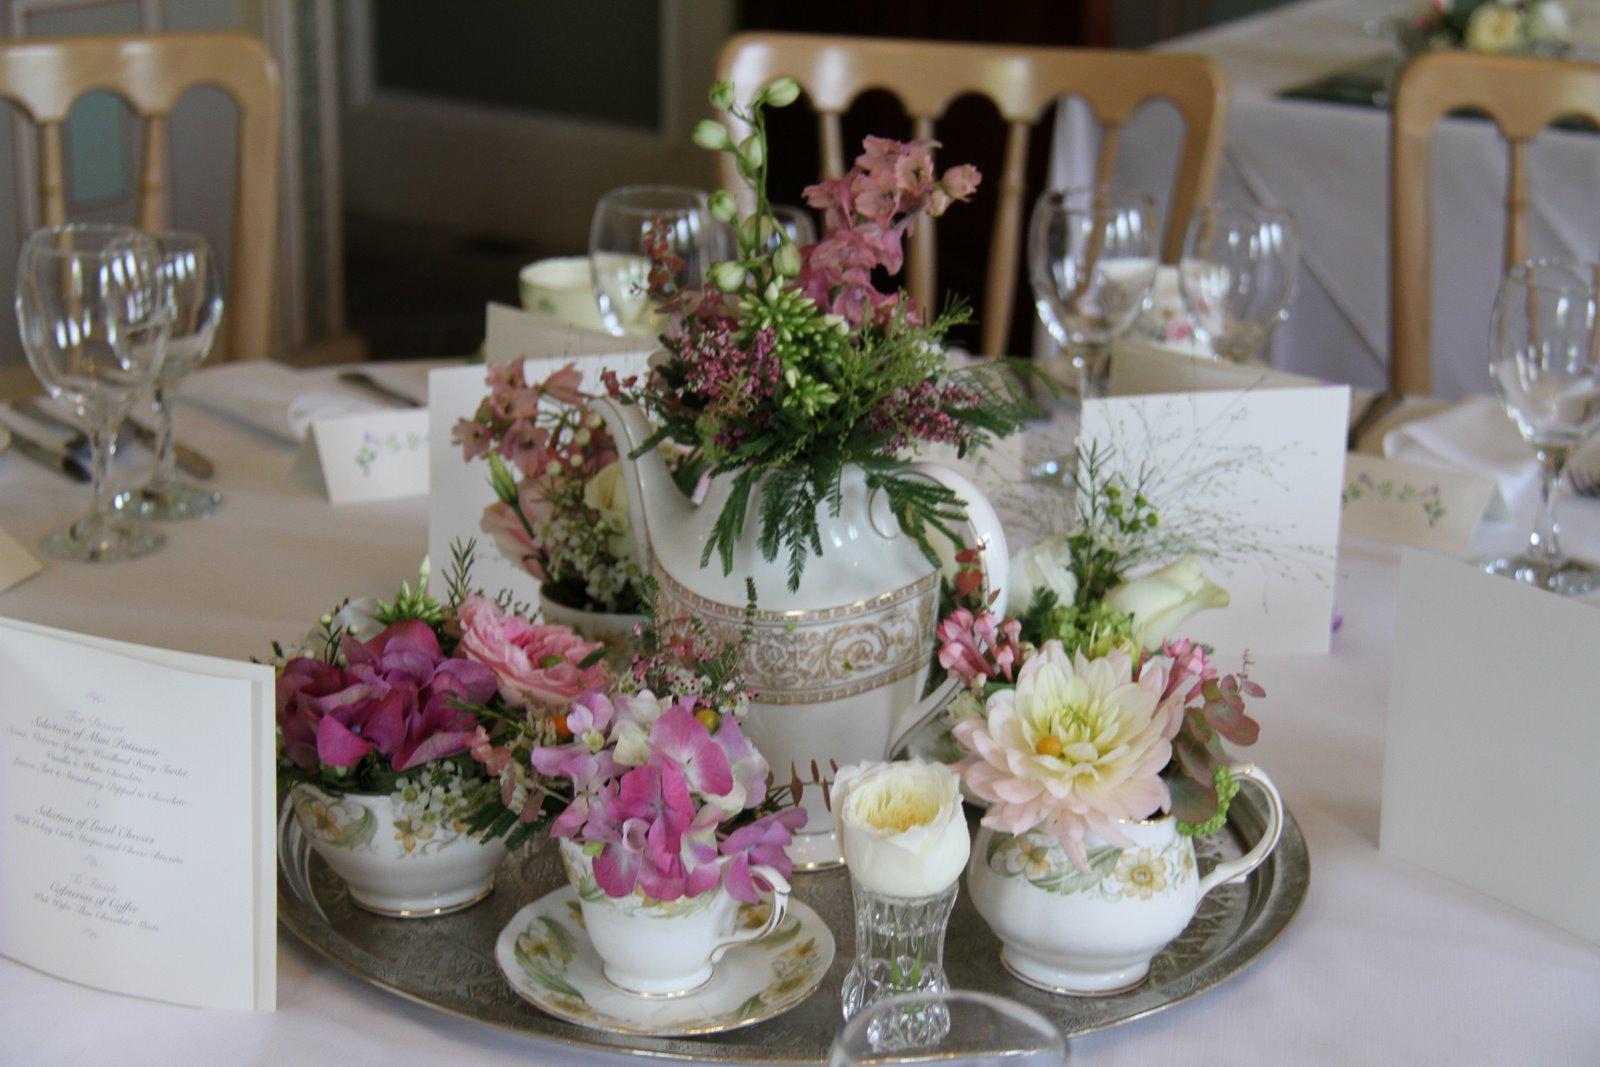 Flower design table centrepieces vintage tea service for Table centrepiece